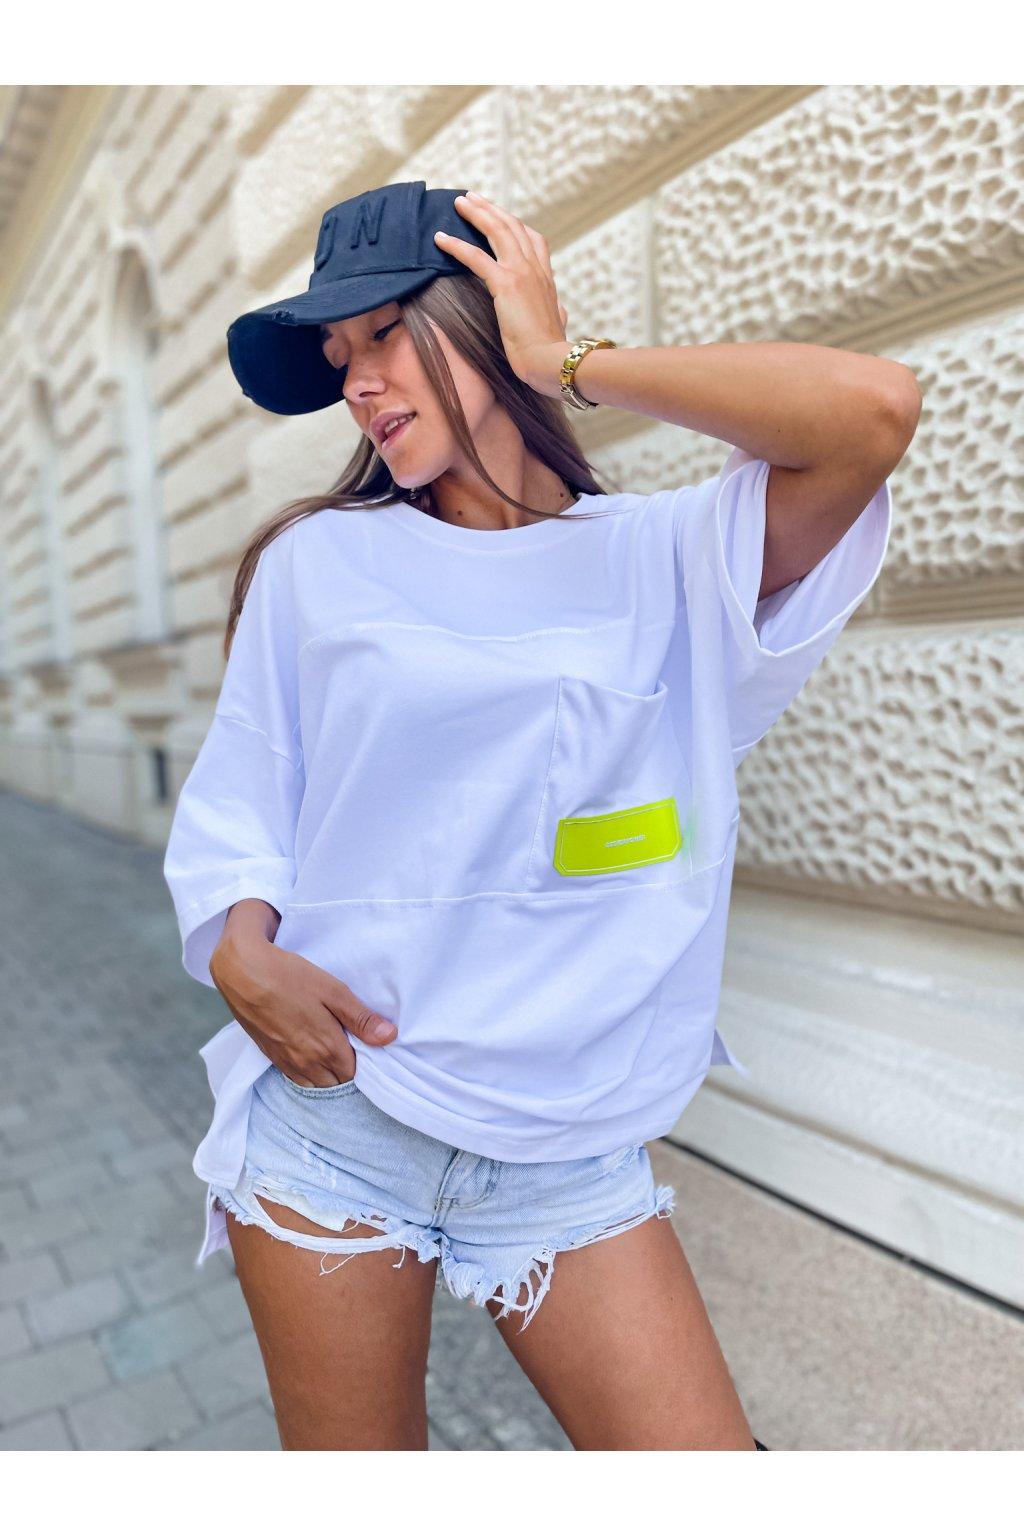 damske oversize tricko s kapsou design white neon eshopat cz 1